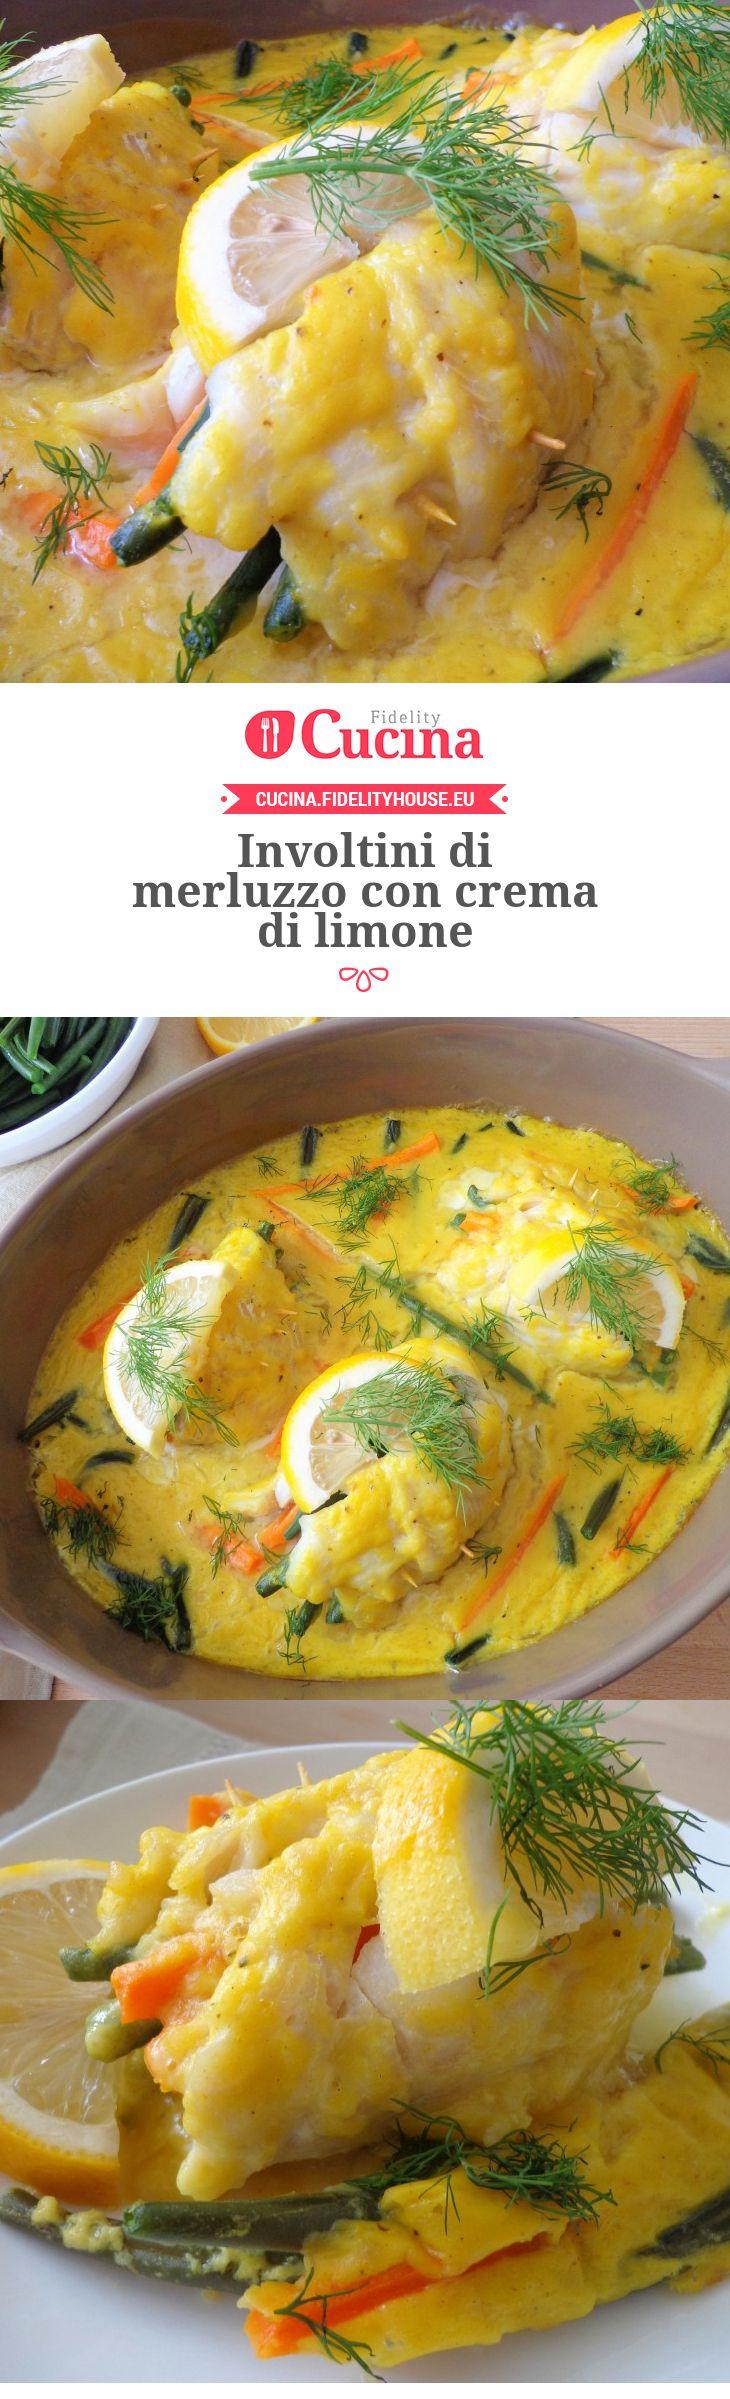 Involtini di #merluzzo con crema di #limone della nostra utente Magdalena. Unisciti alla nostra Community ed invia le tue ricette!